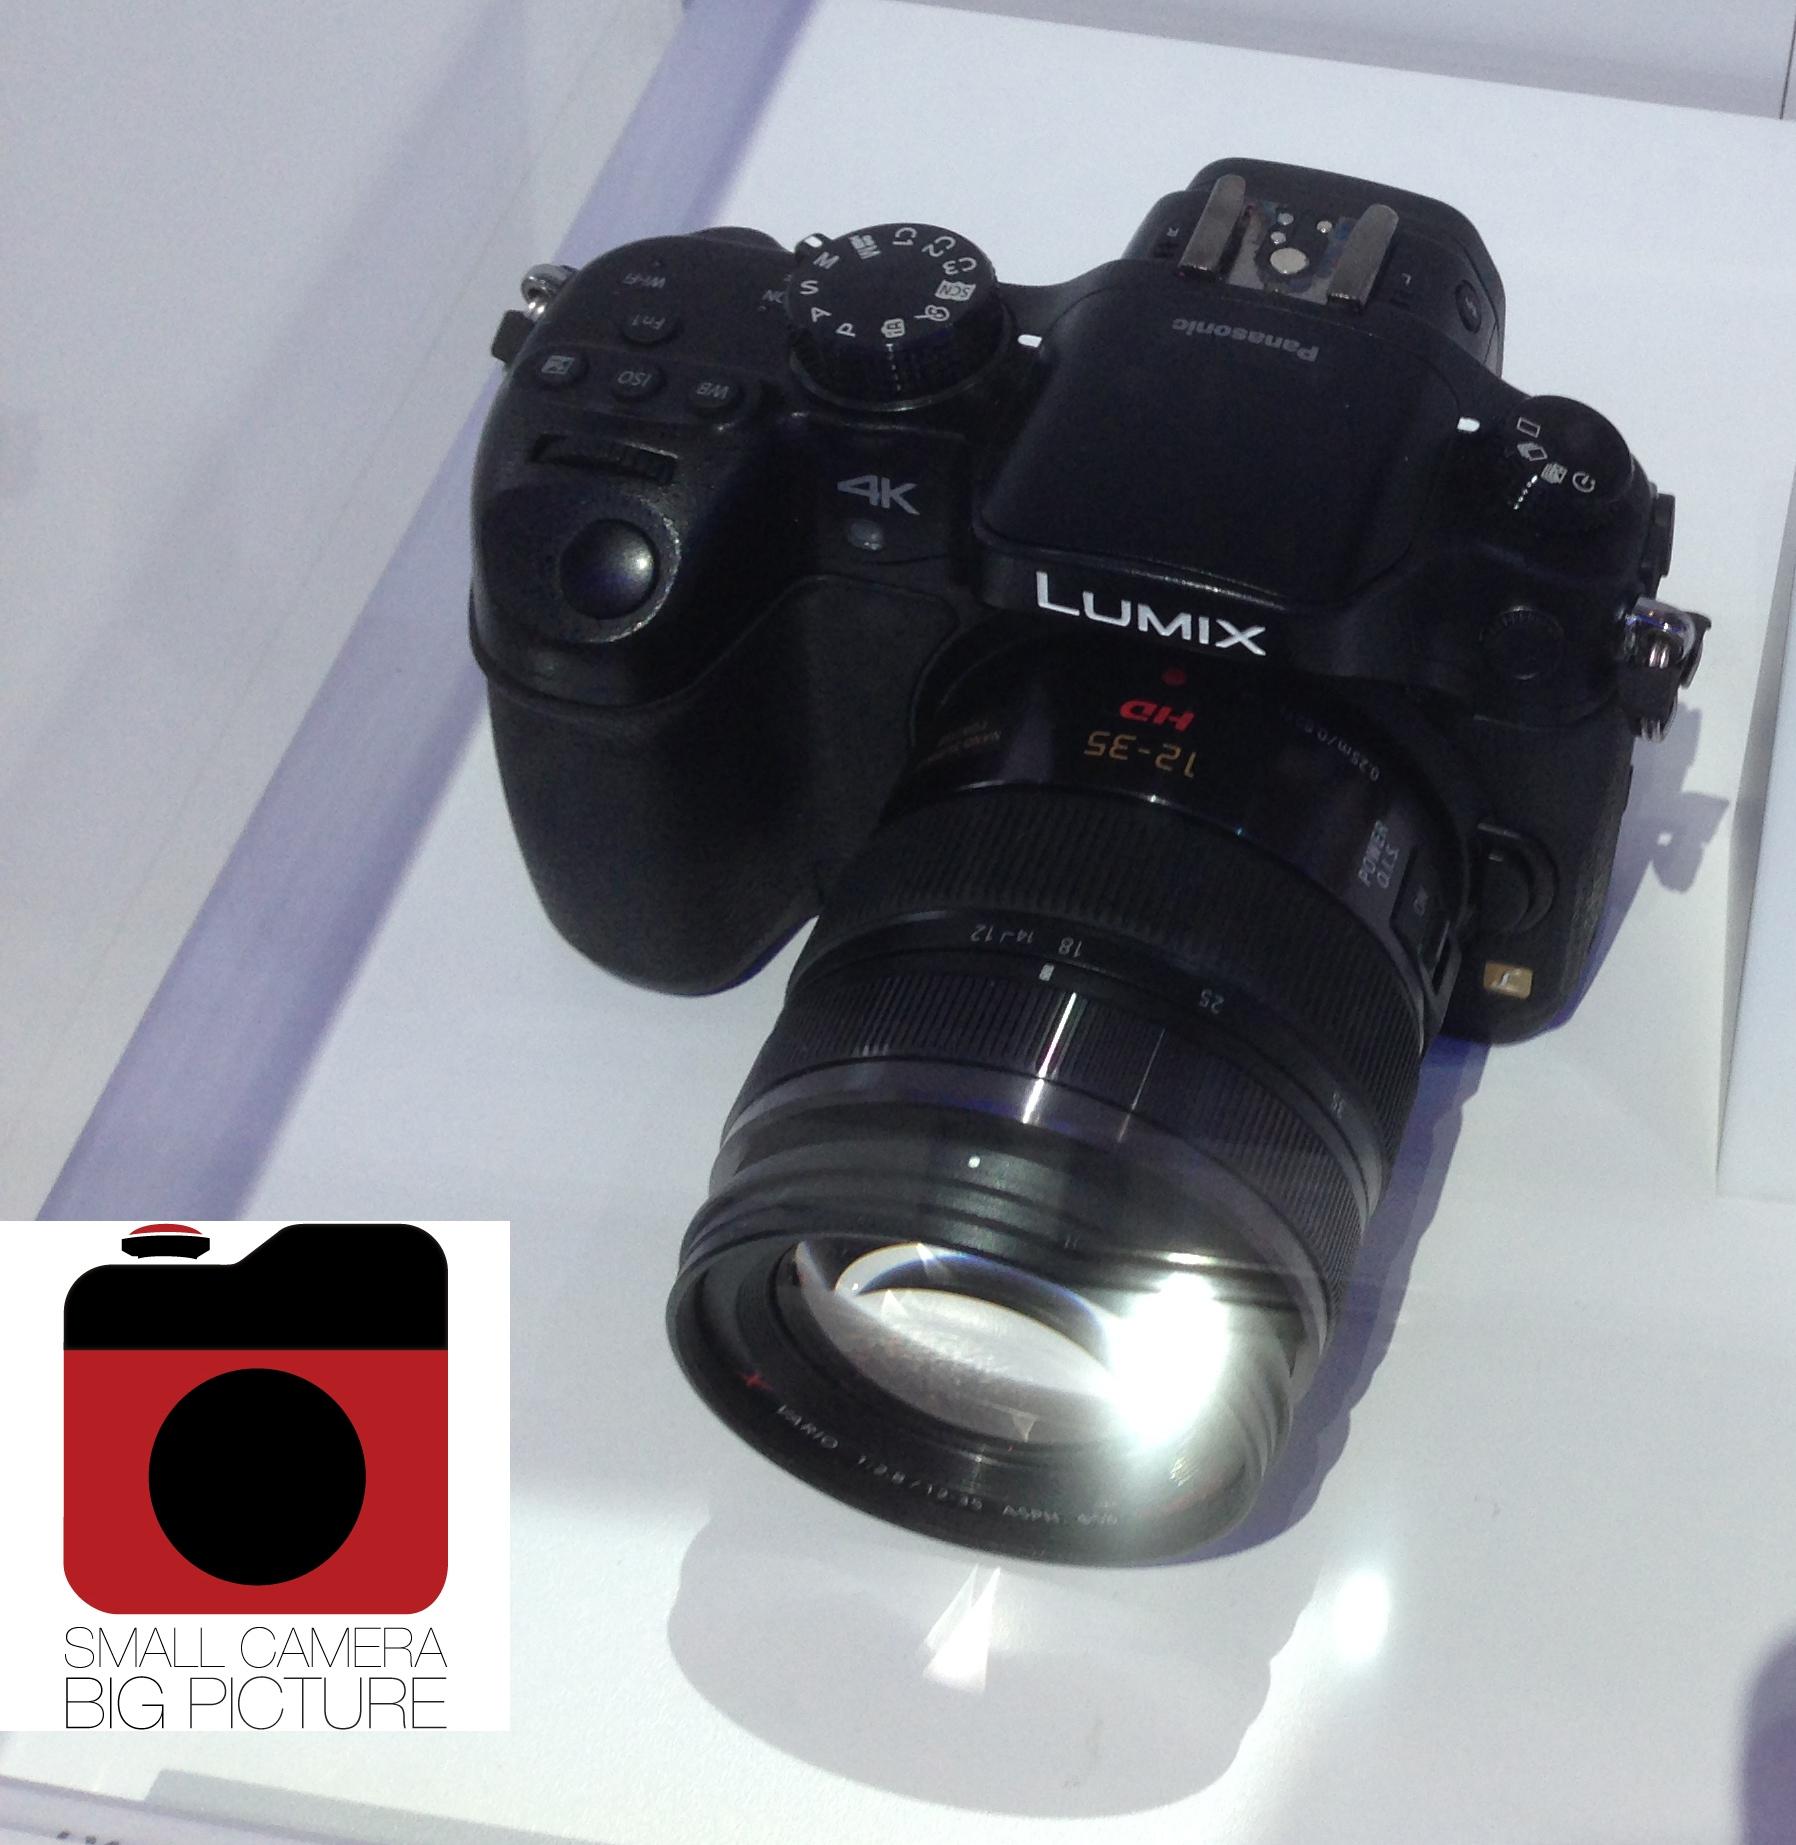 Panasonic Lumix GH4 a CES kiállításon